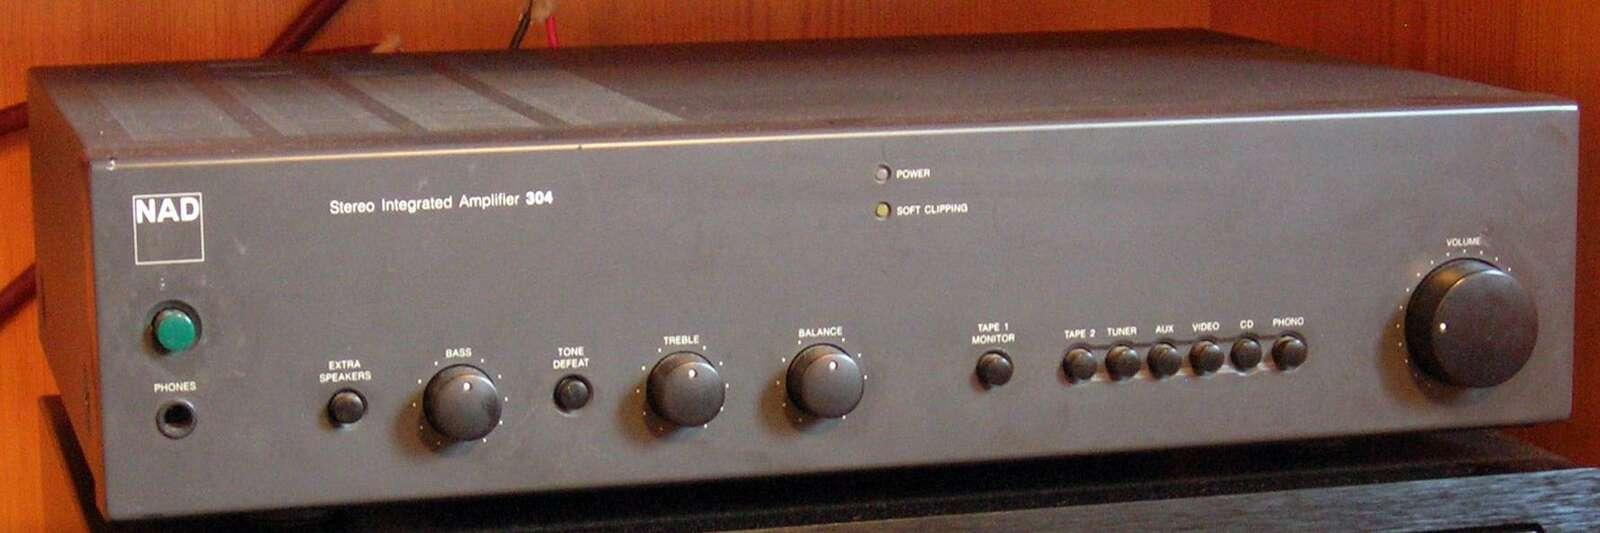 Audioverstärker